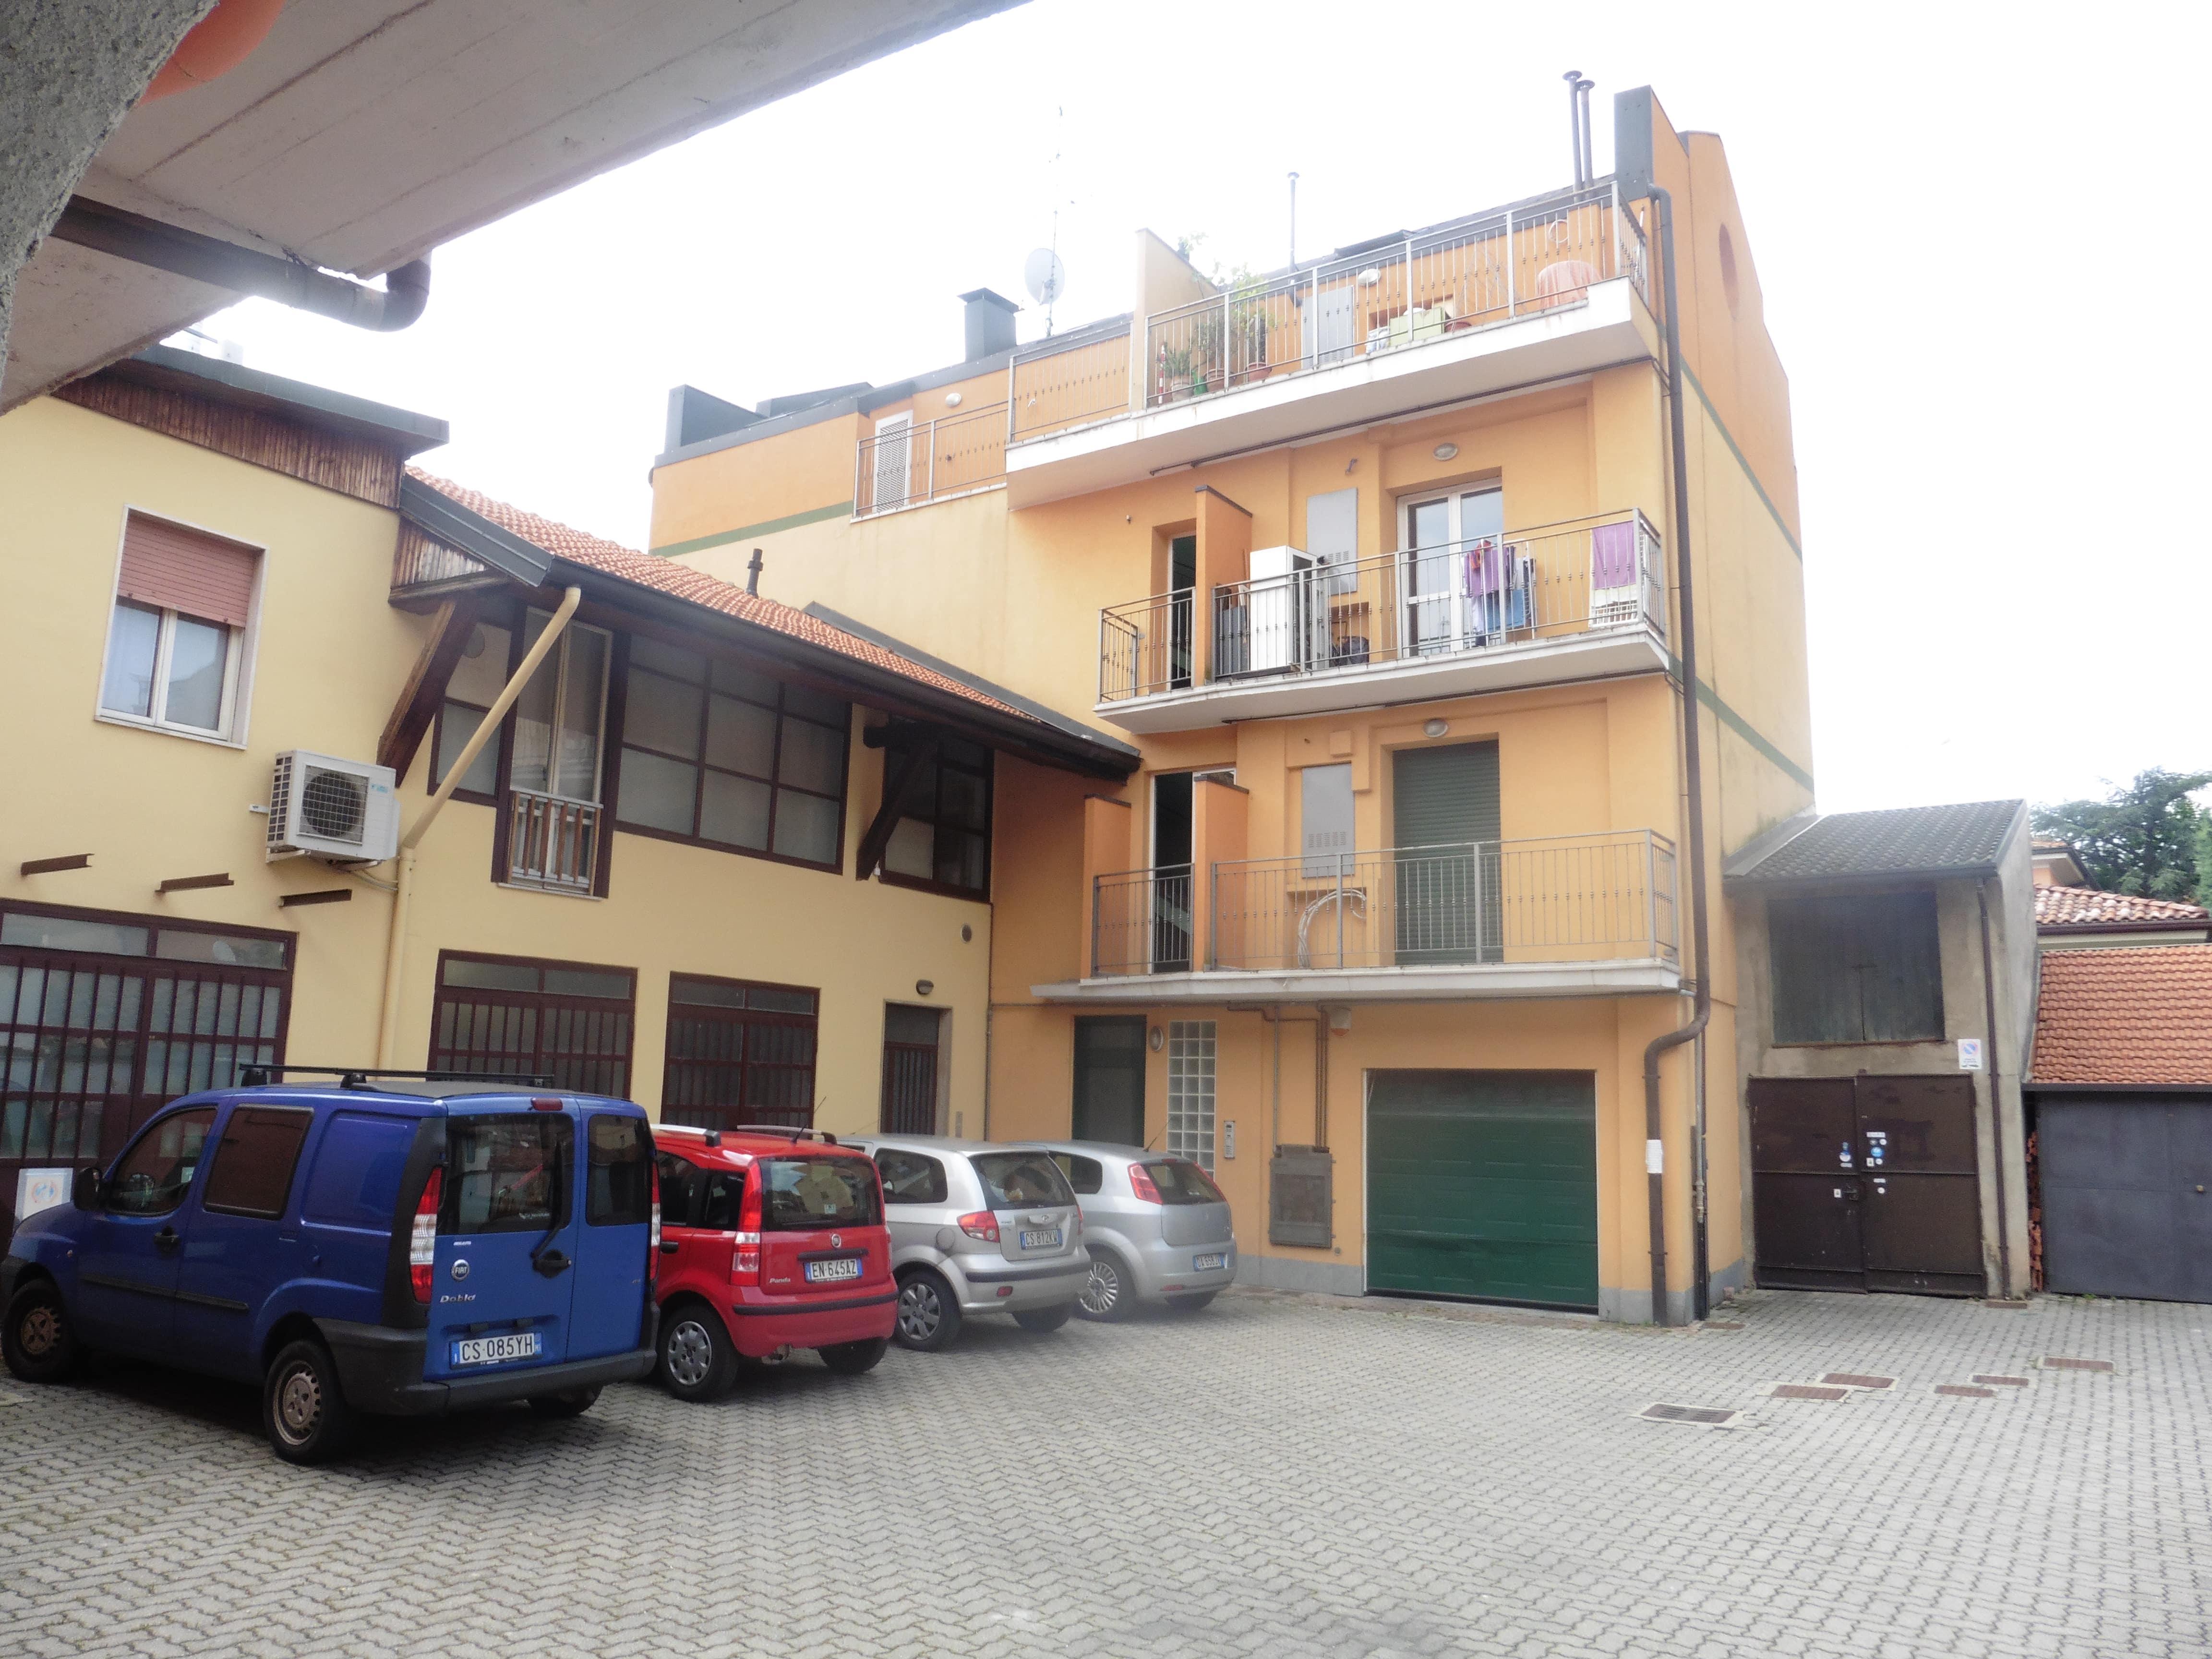 Bilocale via Giuseppe Garibaldi 21, Cinisello Balsamo